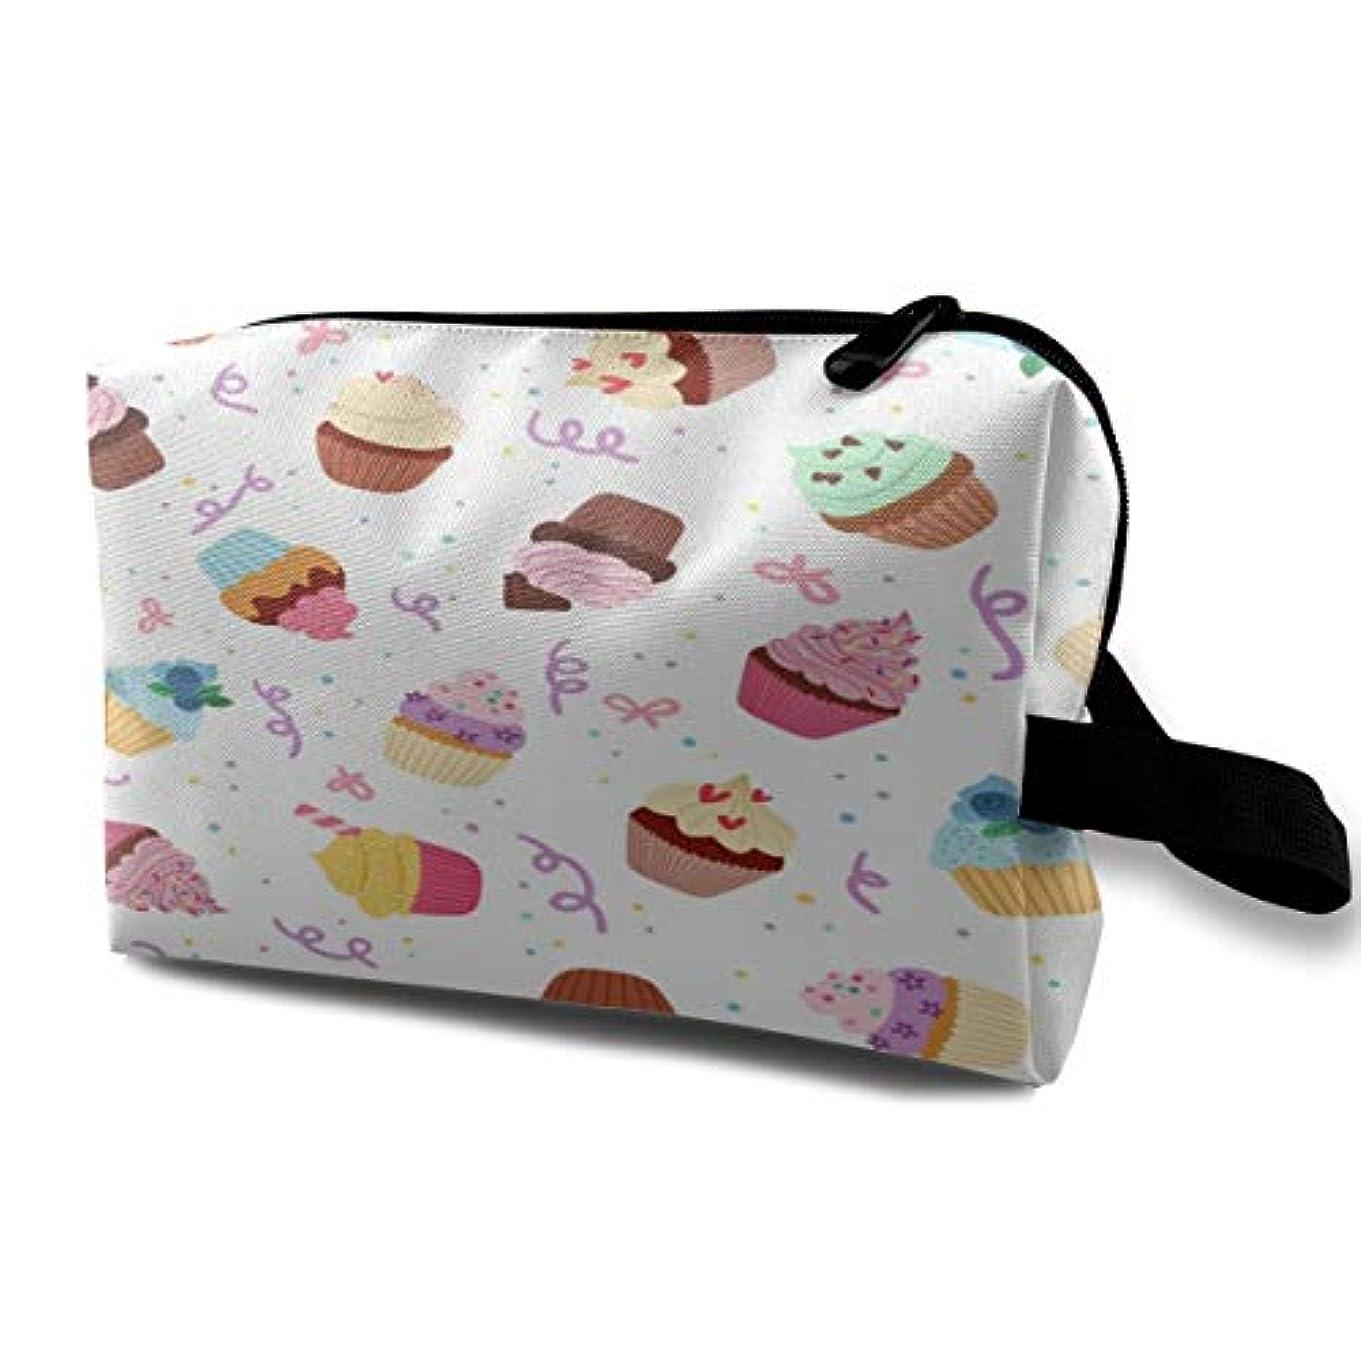 ハックお祝いフローLittle Delicious Cupcakes 収納ポーチ 化粧ポーチ 大容量 軽量 耐久性 ハンドル付持ち運び便利。入れ 自宅?出張?旅行?アウトドア撮影などに対応。メンズ レディース トラベルグッズ